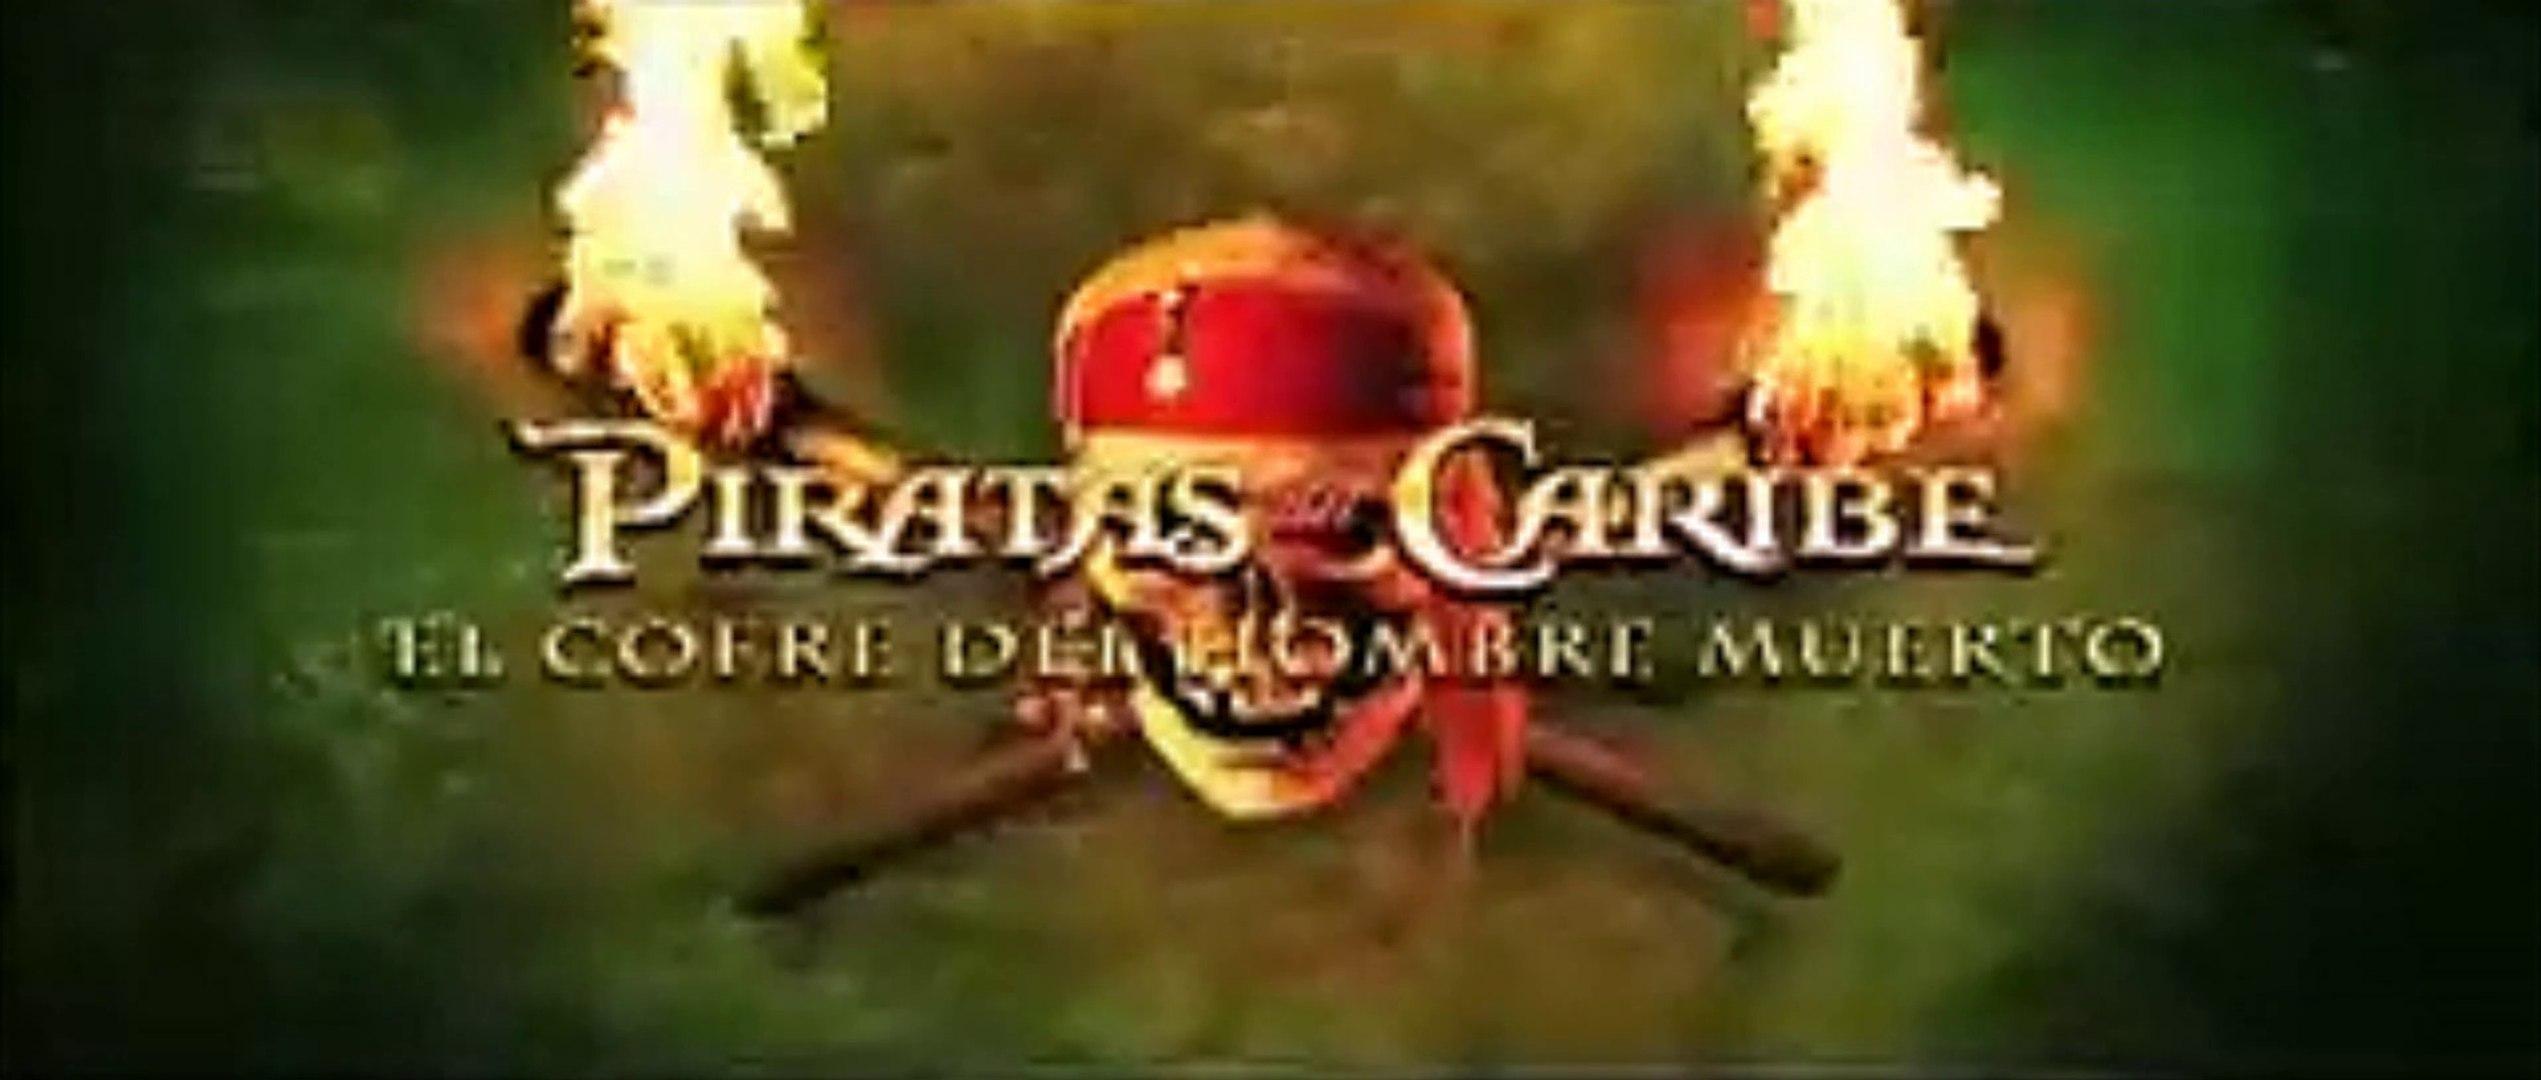 Piratas Del Caribe El Cofre Del Hombre Muerto 2006 Trailer Spanish Vidéo Dailymotion